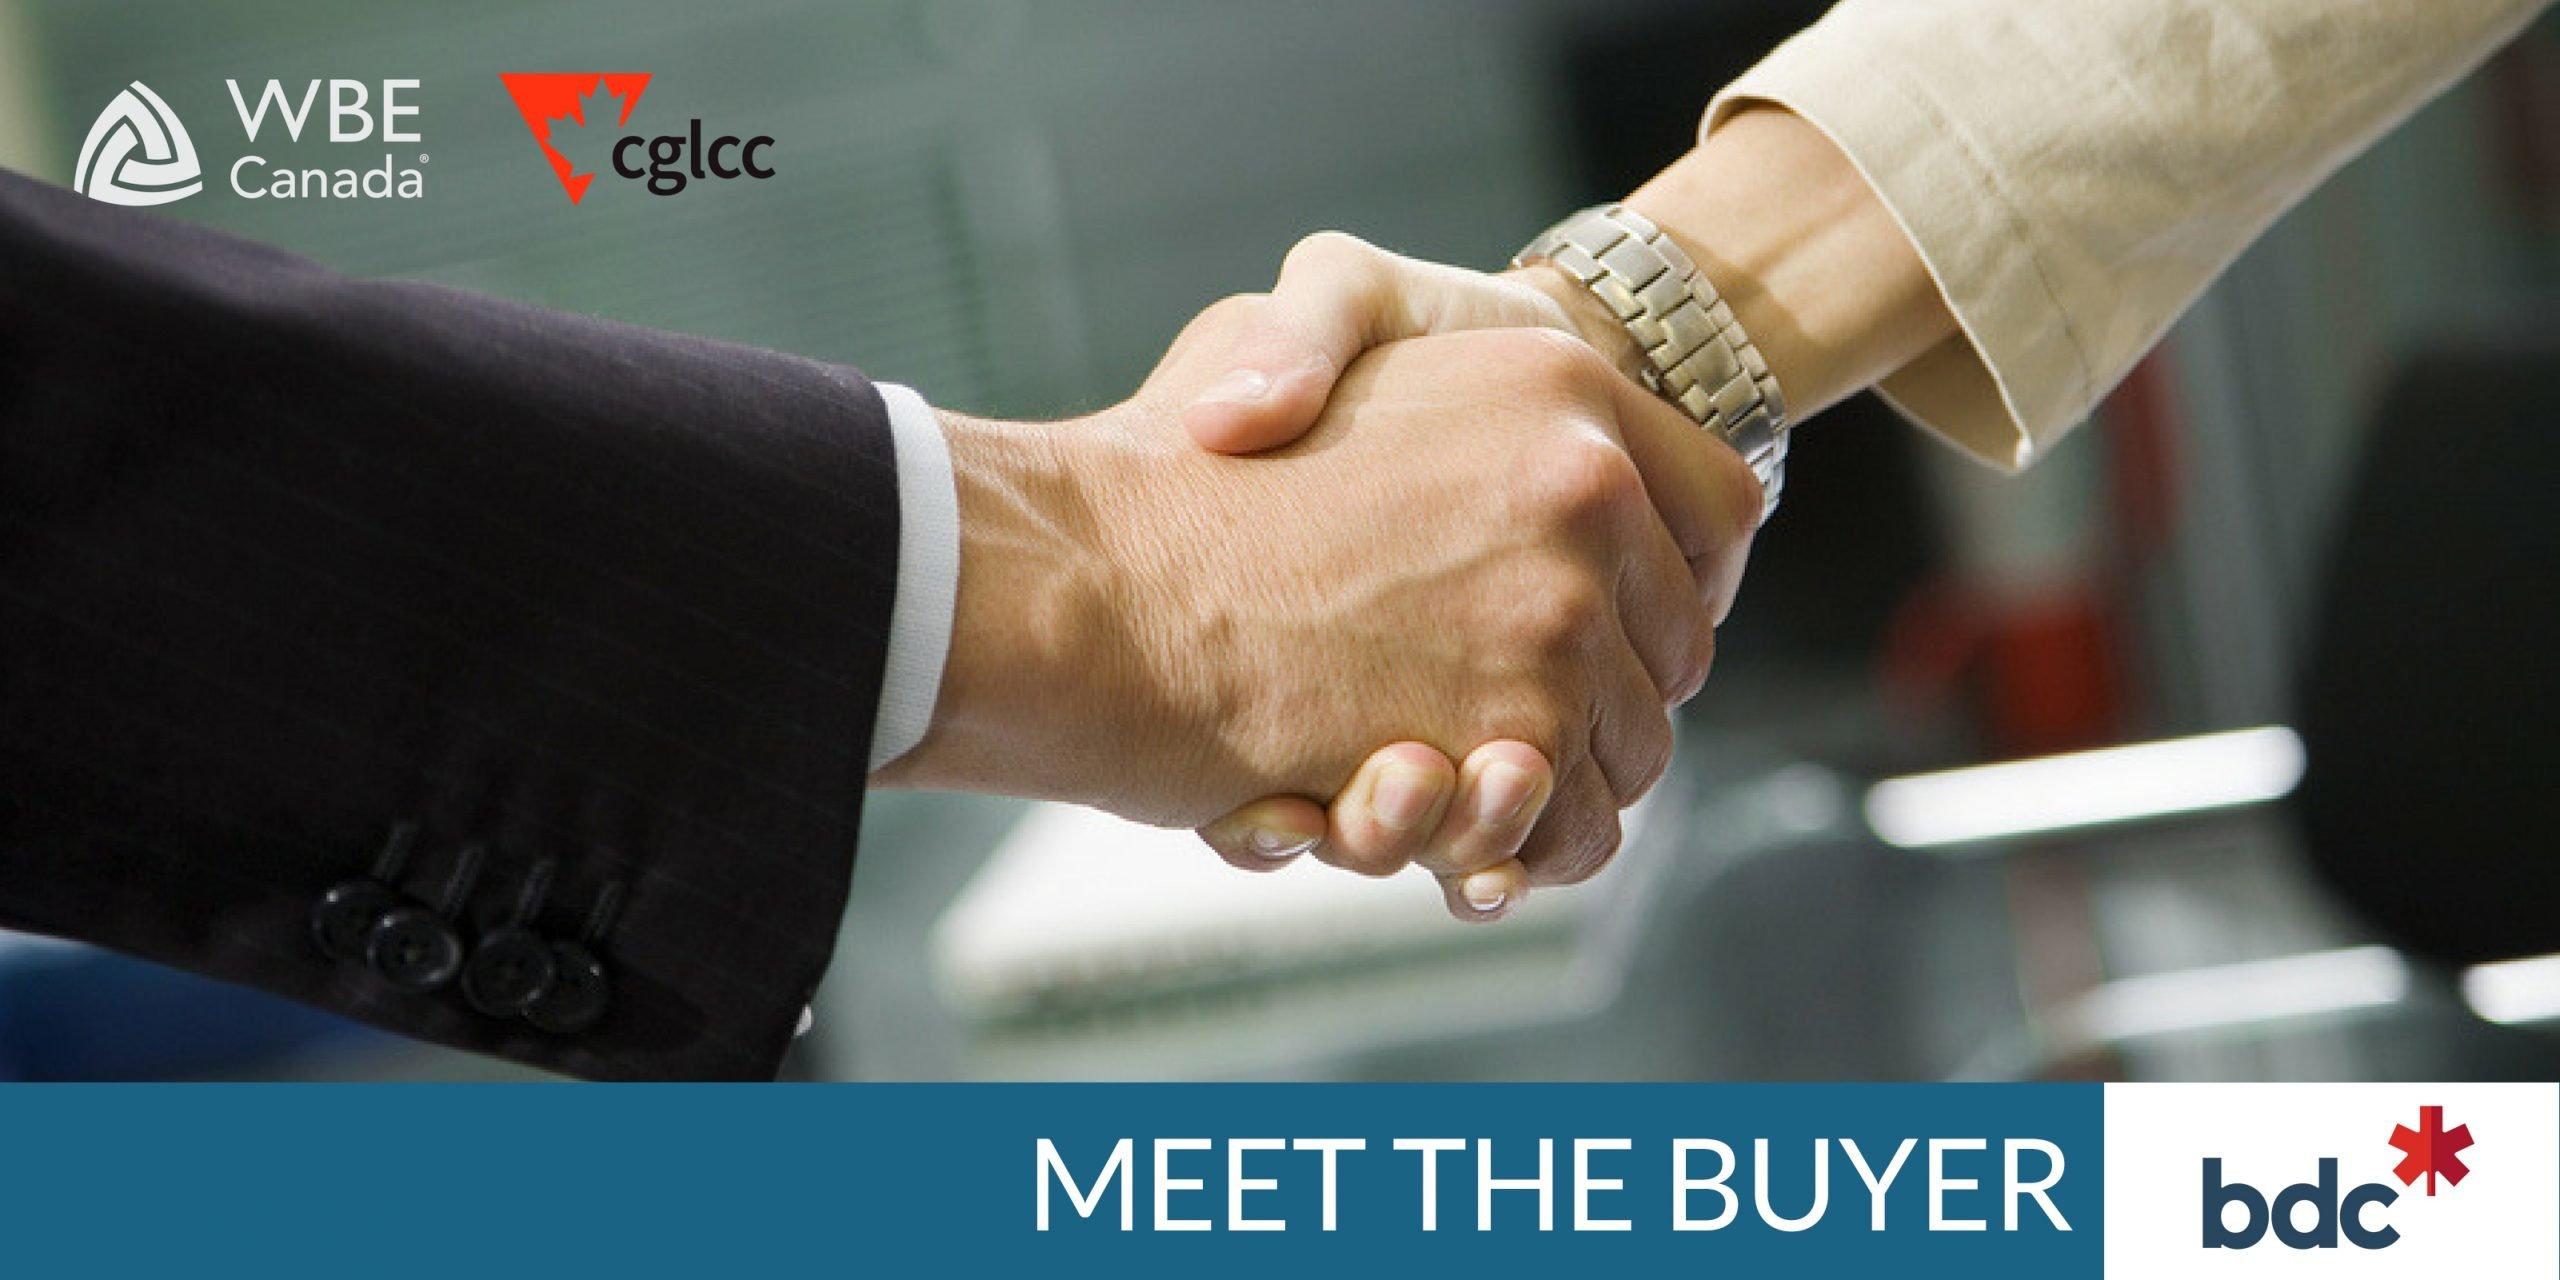 Meet the Buyer - BDC